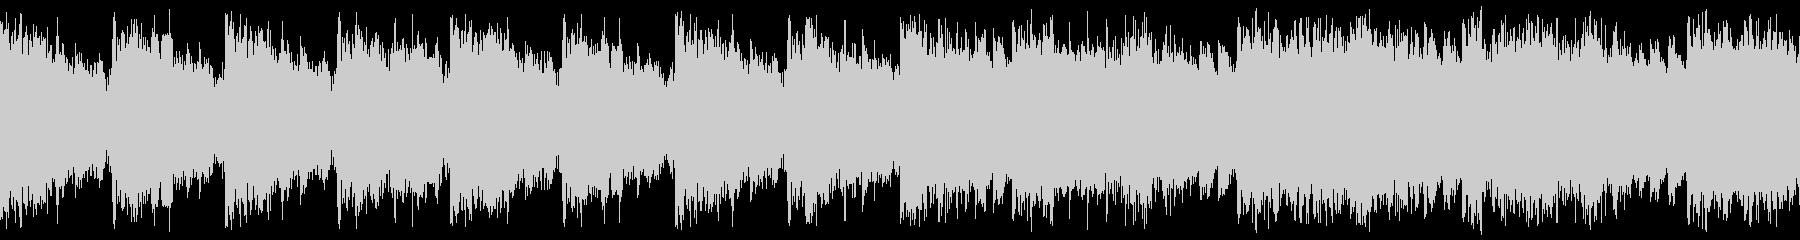 カジノ コールアテンダントBGMマズルカの未再生の波形